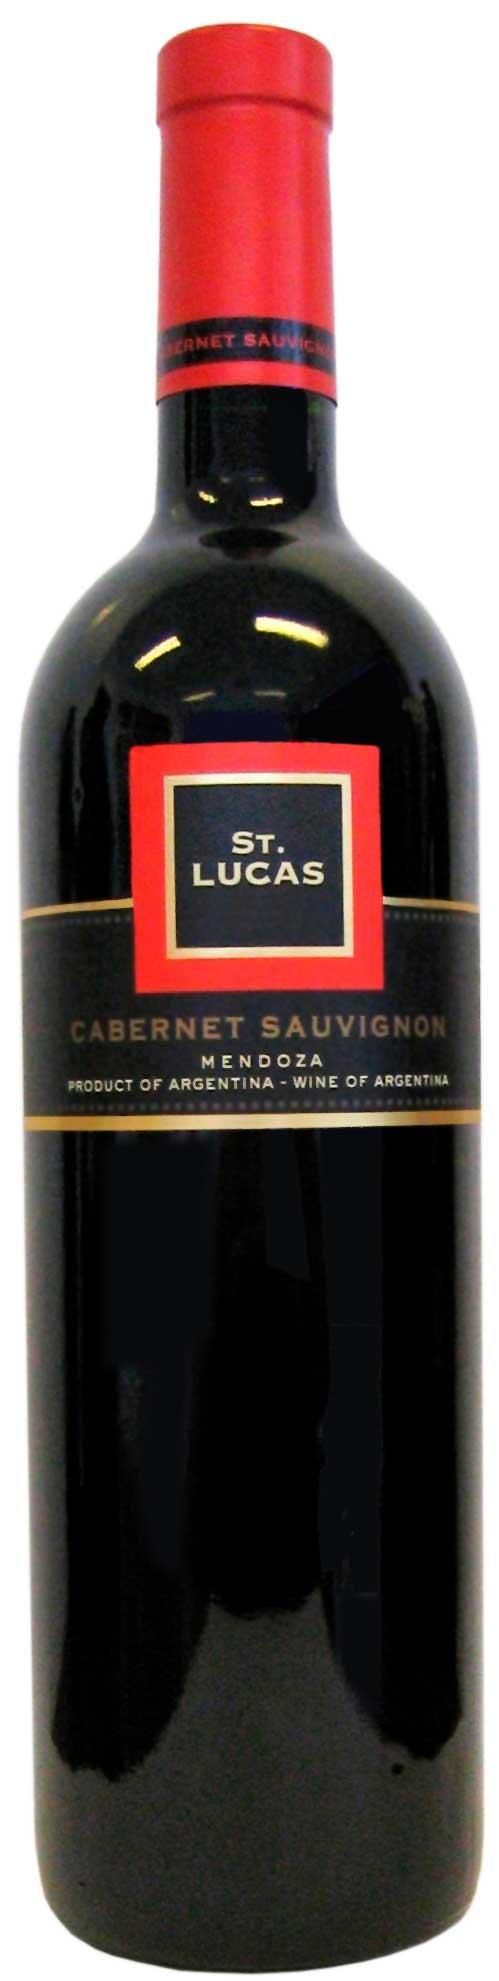 St. lucas Cabernet Sauvignon ( Pascual Toso ) 2016